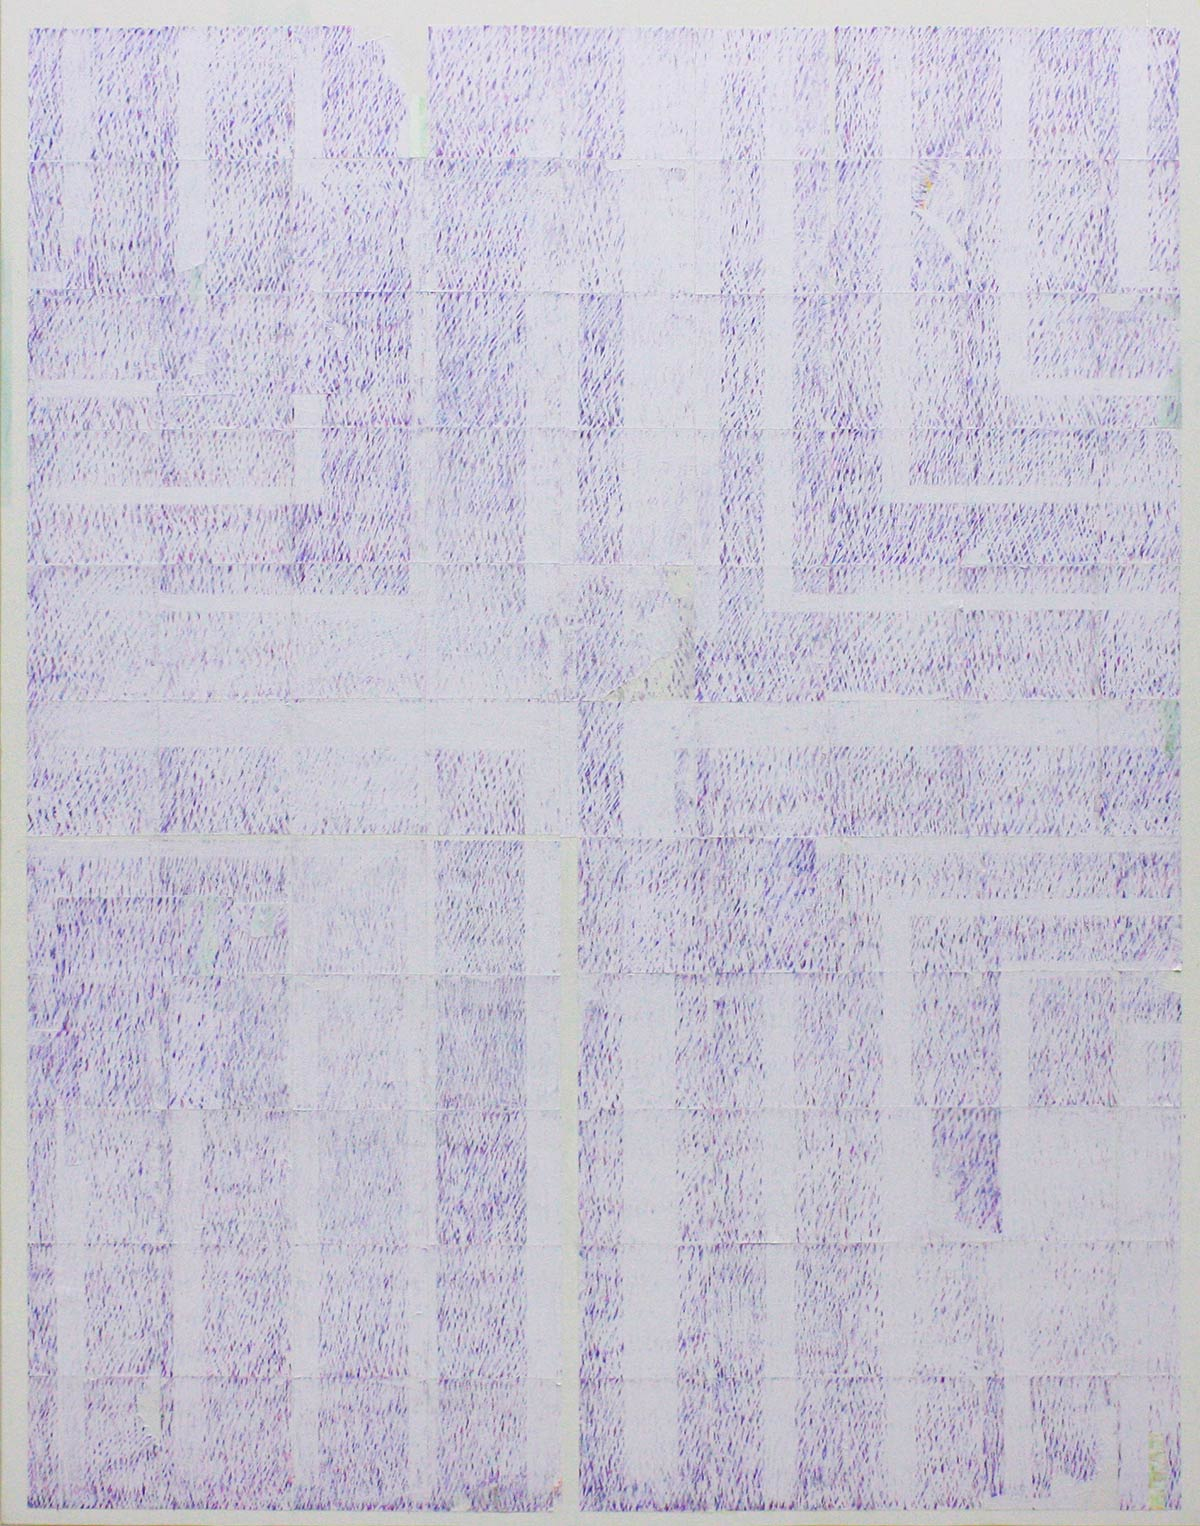 galleria-nicola-pedana-valla-immagg-001